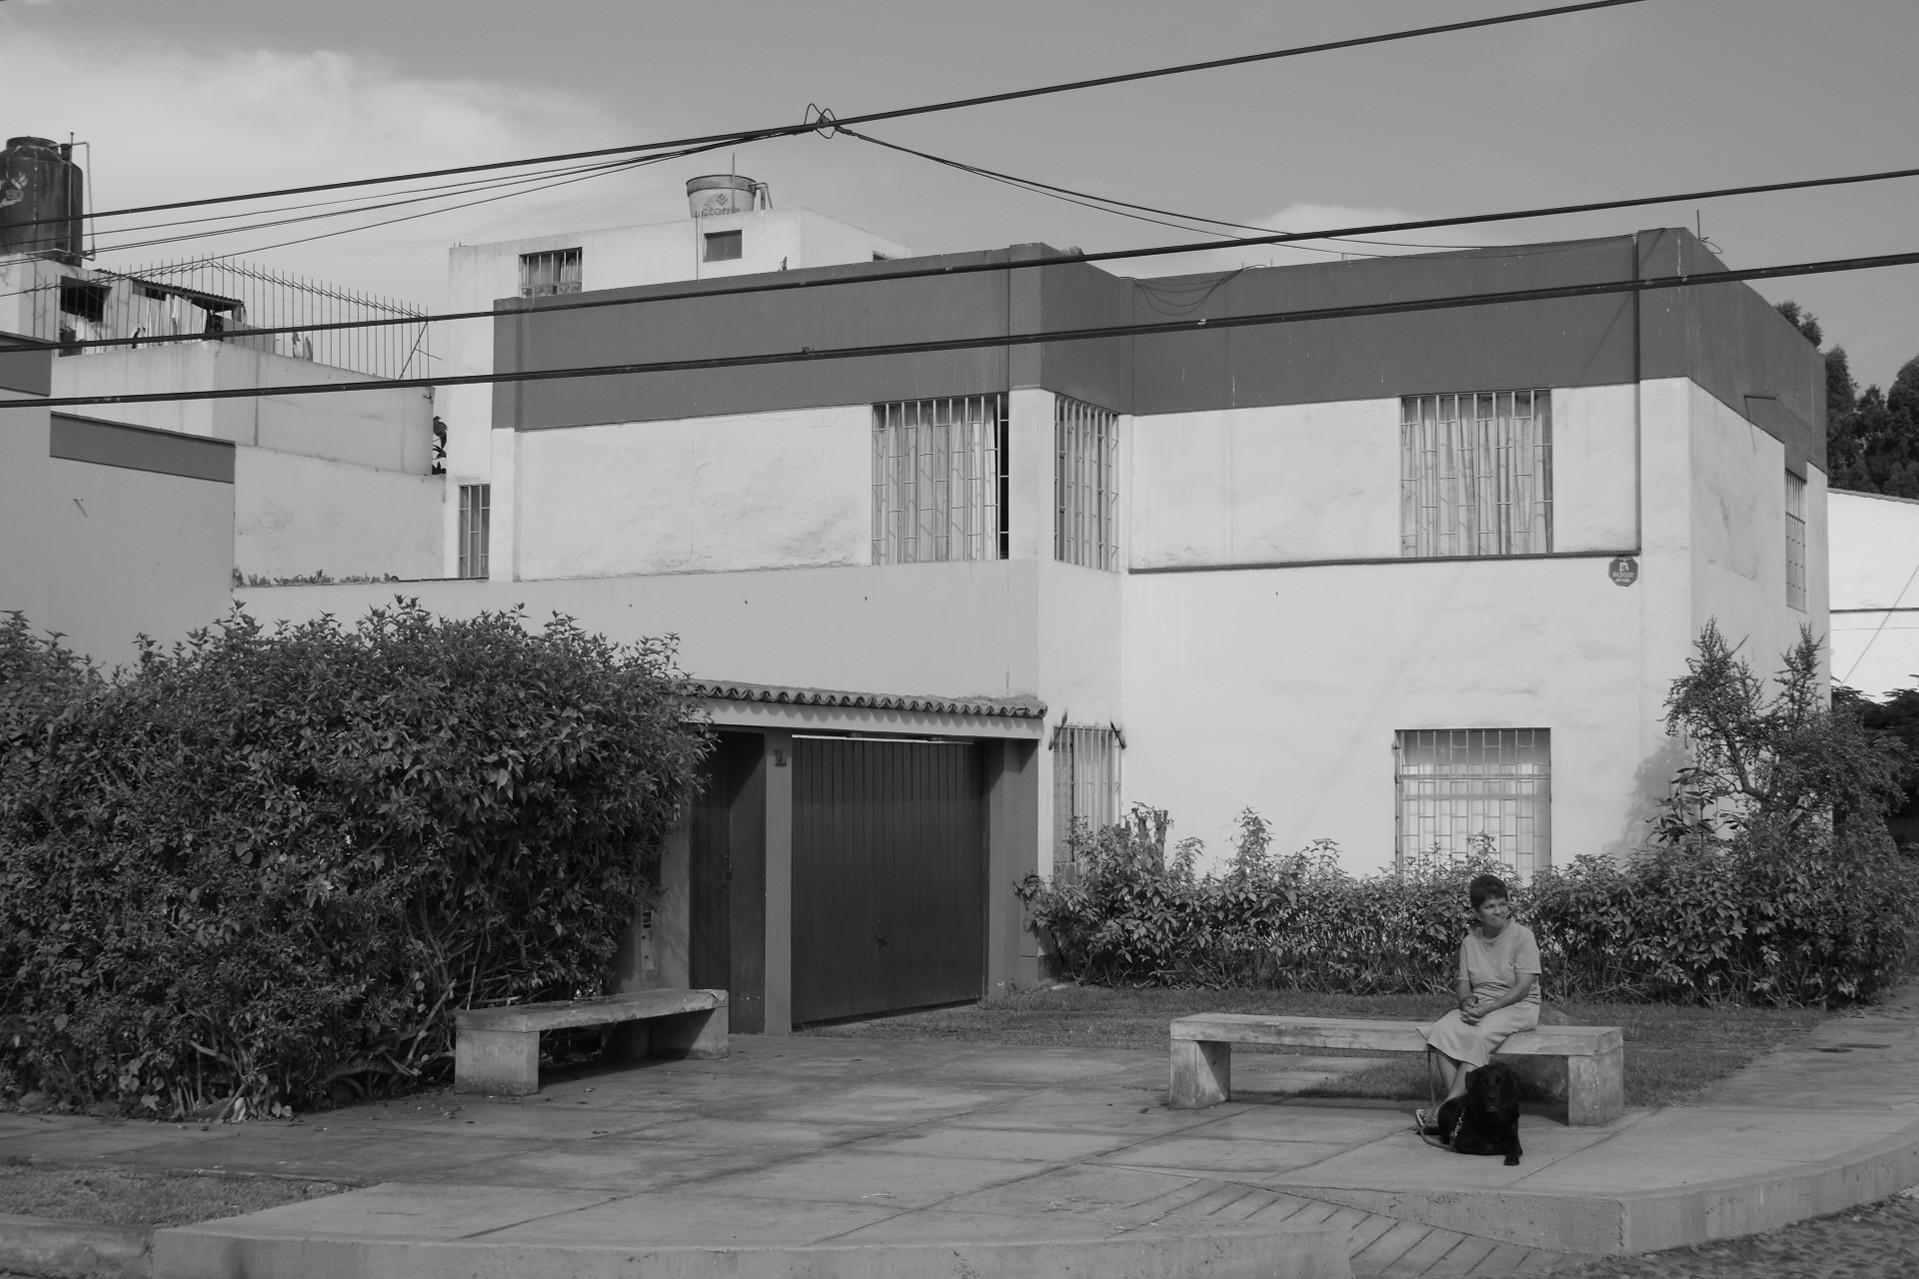 Galer a de casa c a f v arquitectos 2 - Arquitectos madrid 2 0 ...